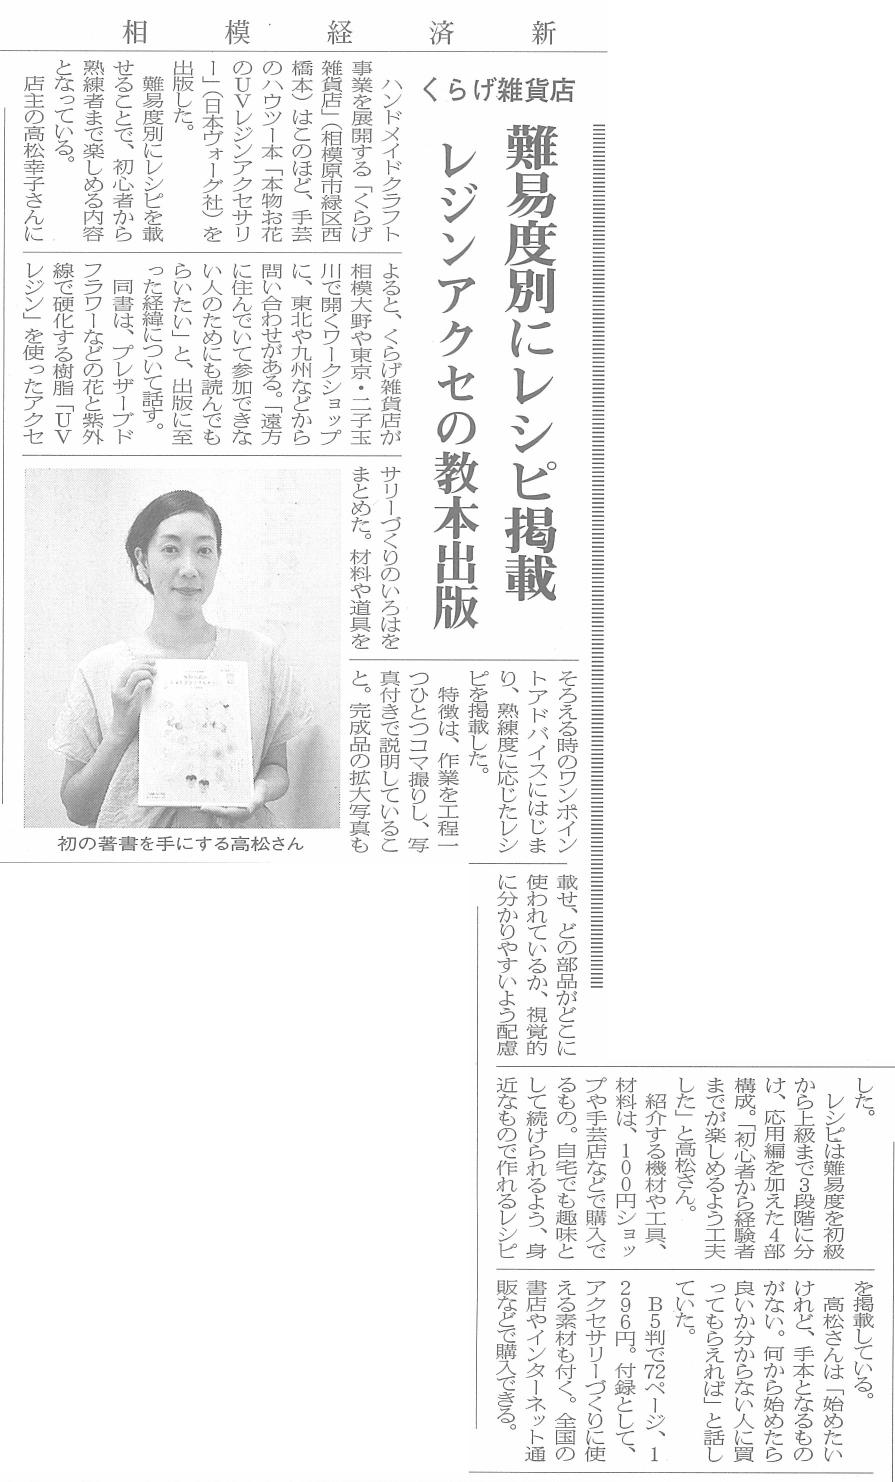 相模経済新聞2